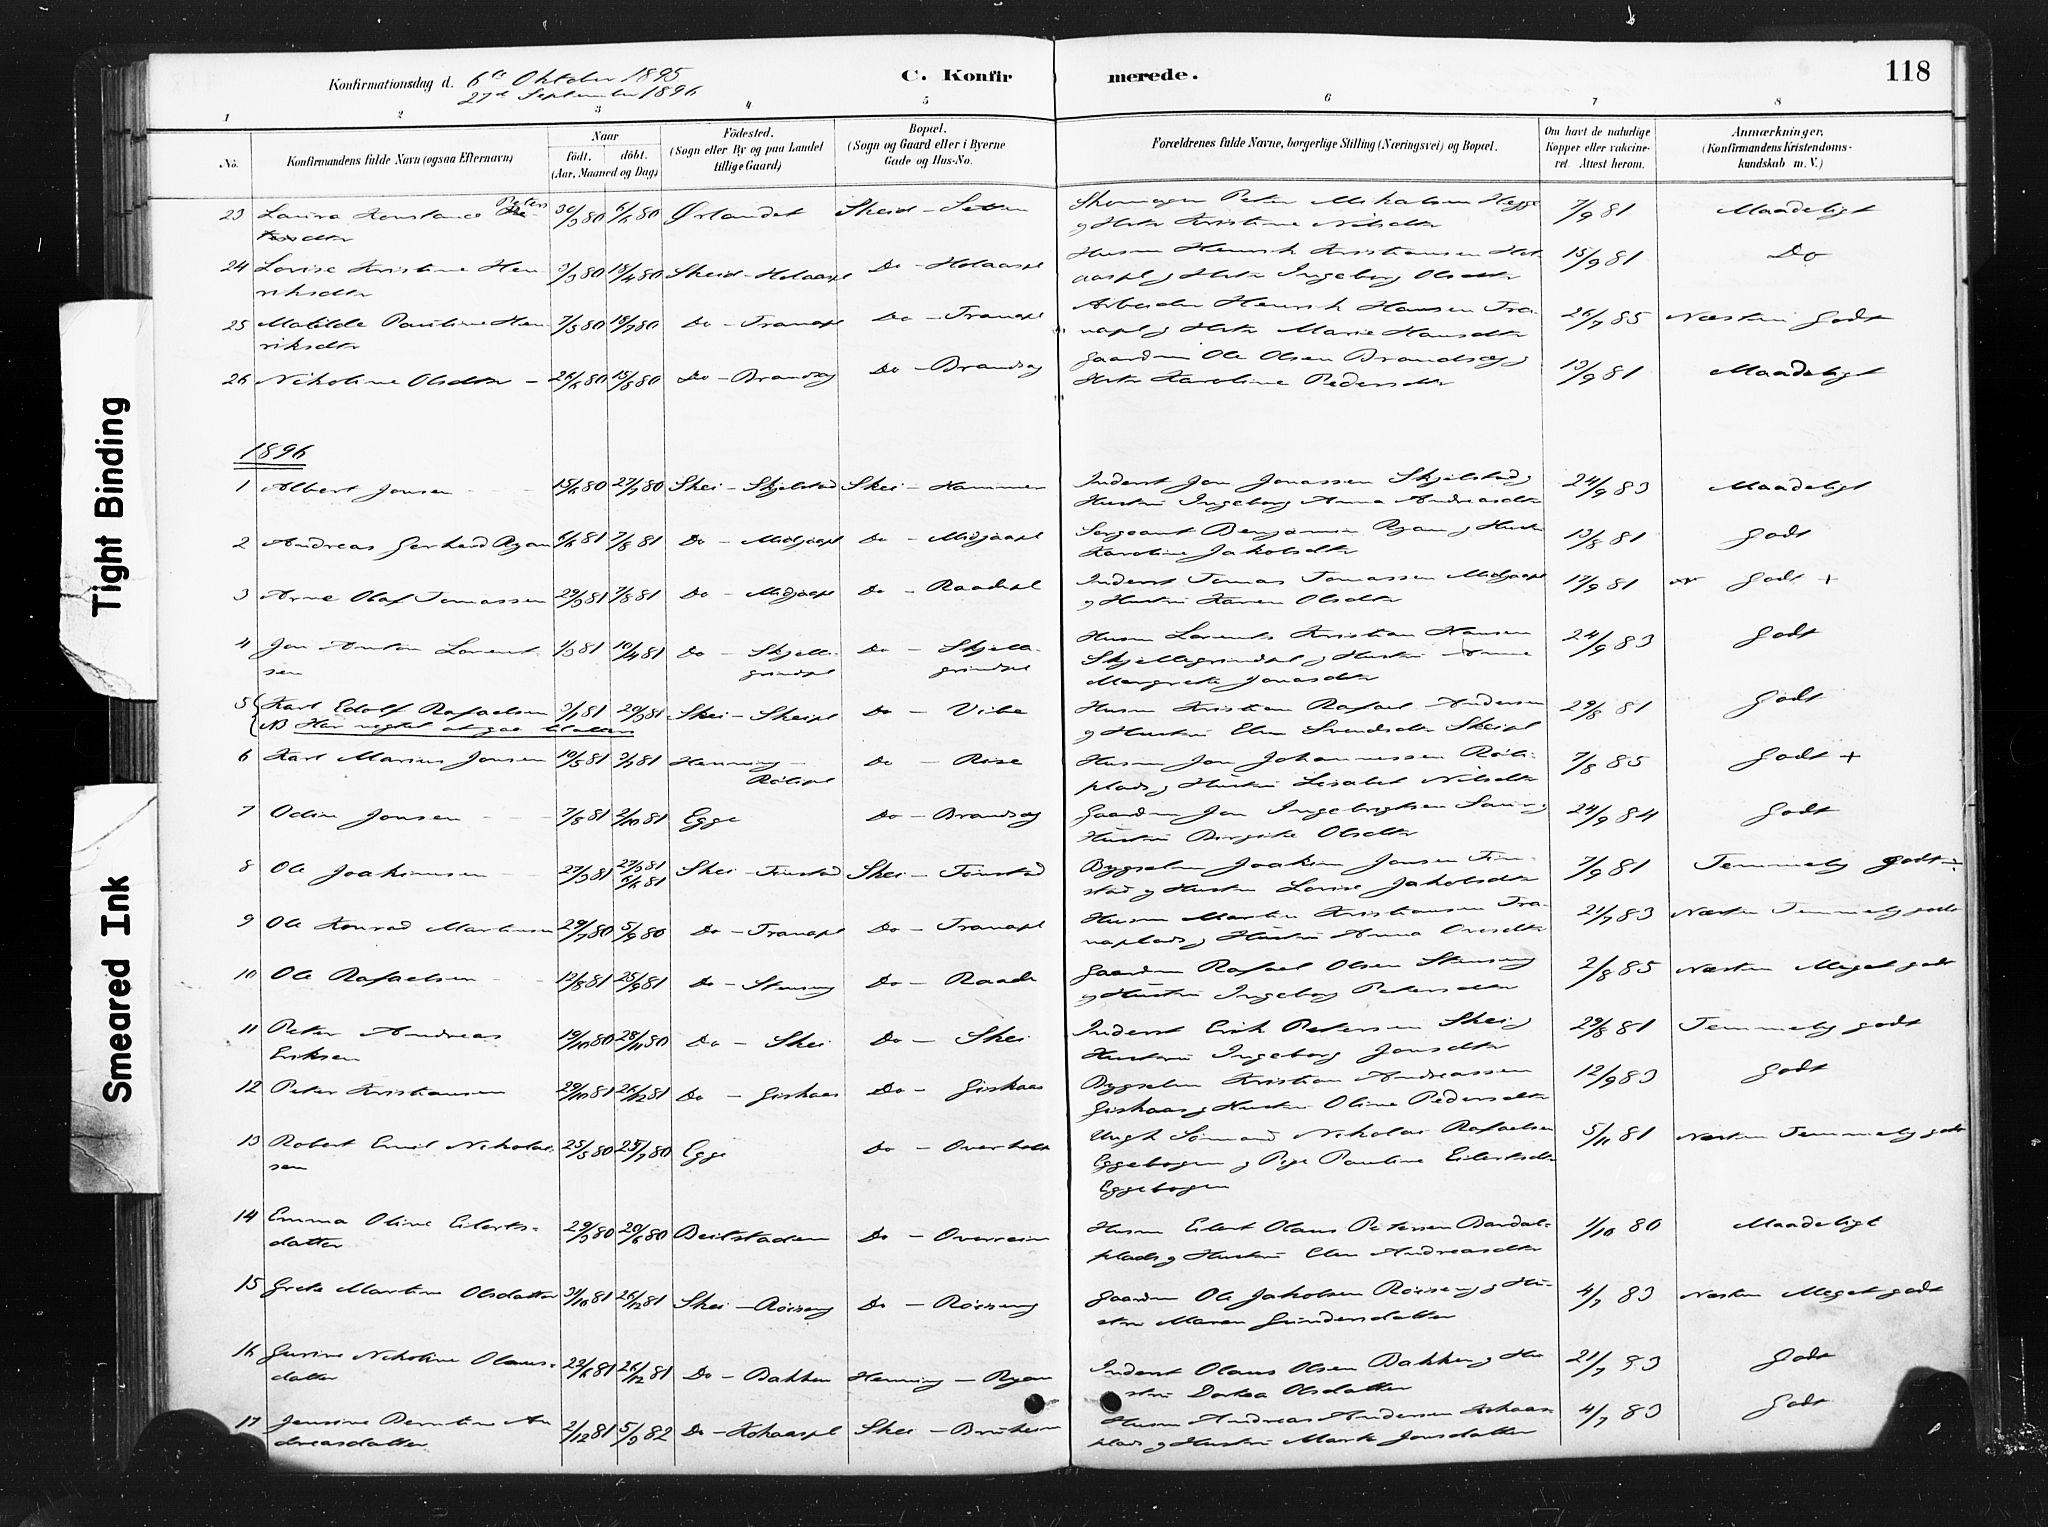 SAT, Ministerialprotokoller, klokkerbøker og fødselsregistre - Nord-Trøndelag, 736/L0361: Ministerialbok nr. 736A01, 1884-1906, s. 118